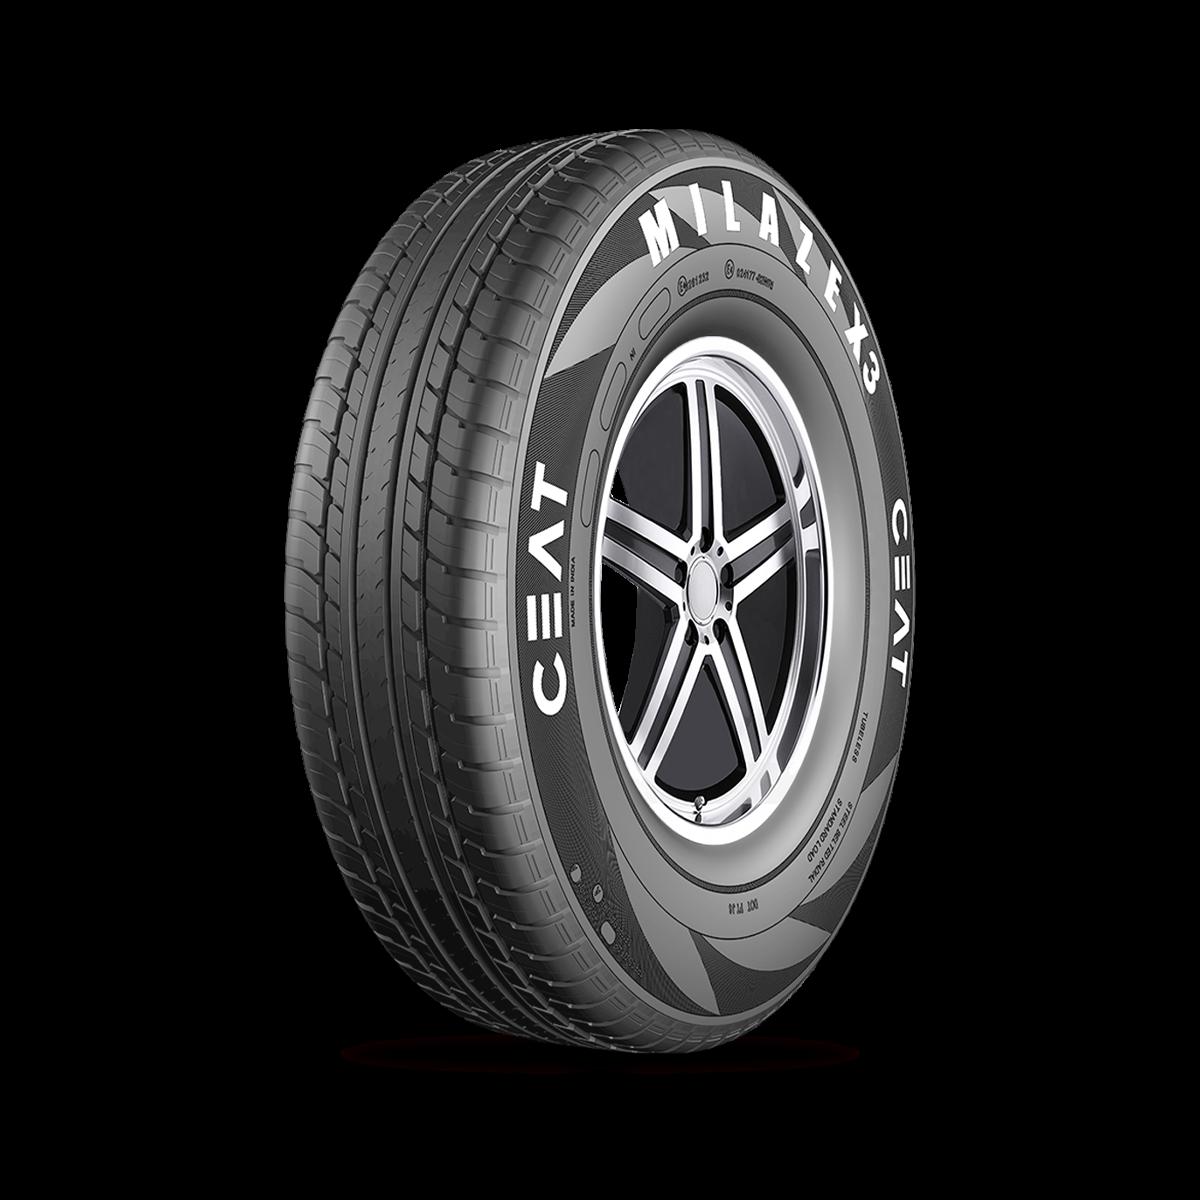 Ceat Milaze X3 Car Tyres Price Review Ceat Milaze X3 Tyres